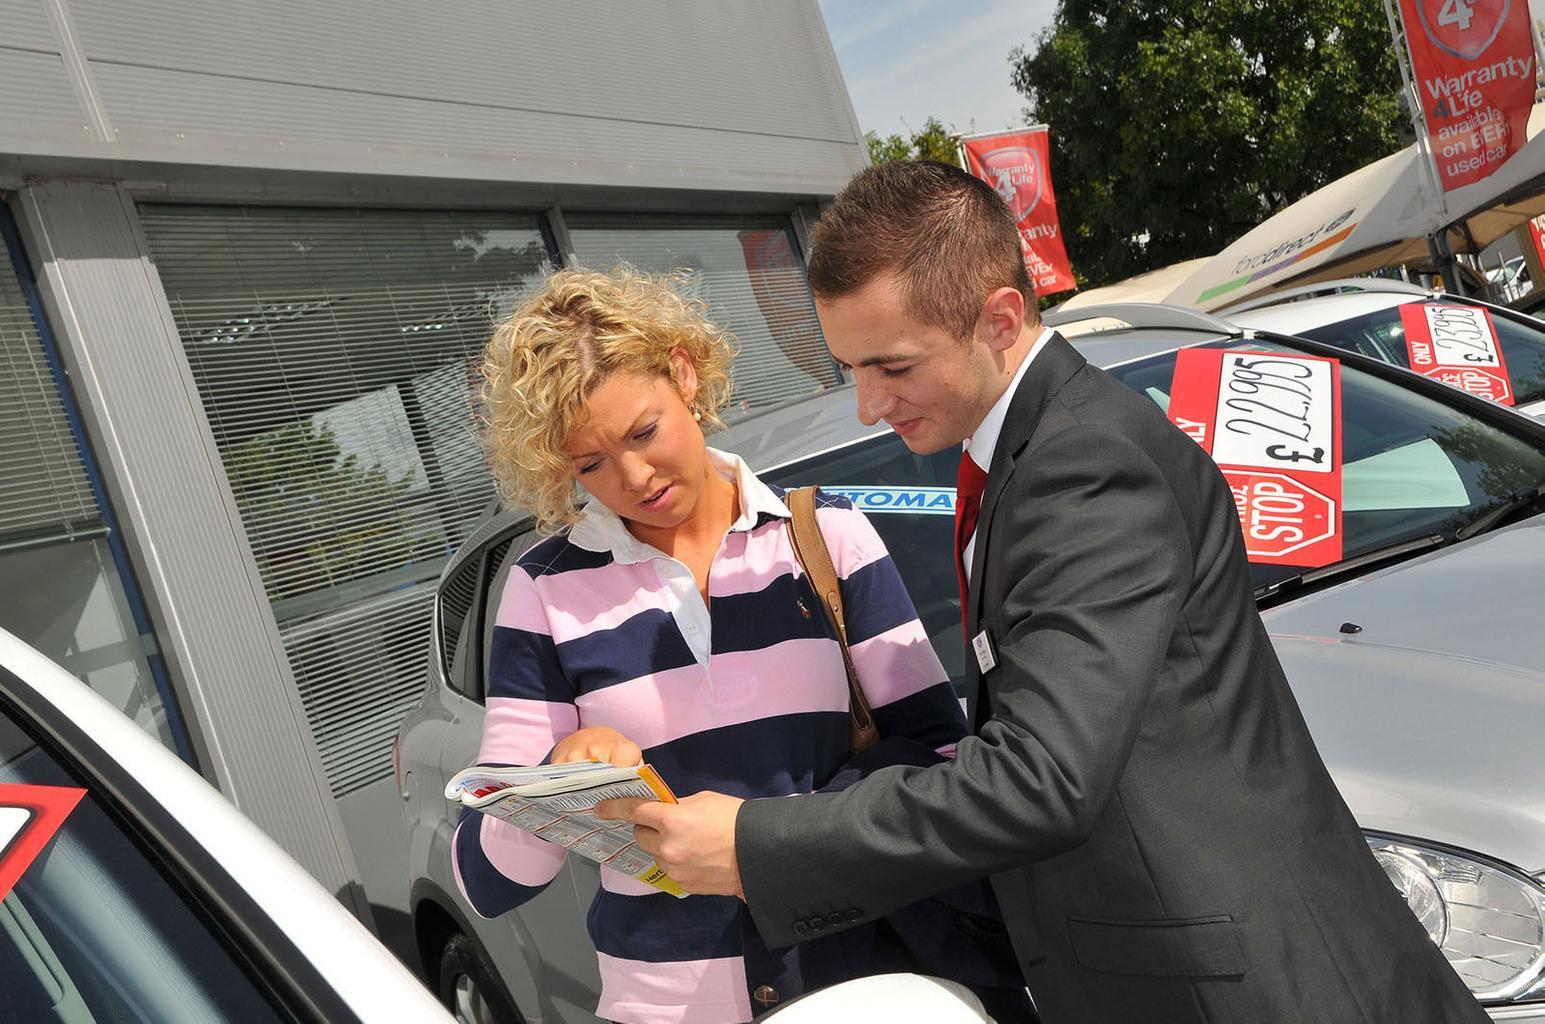 Car clocking - how to spot a clocked car